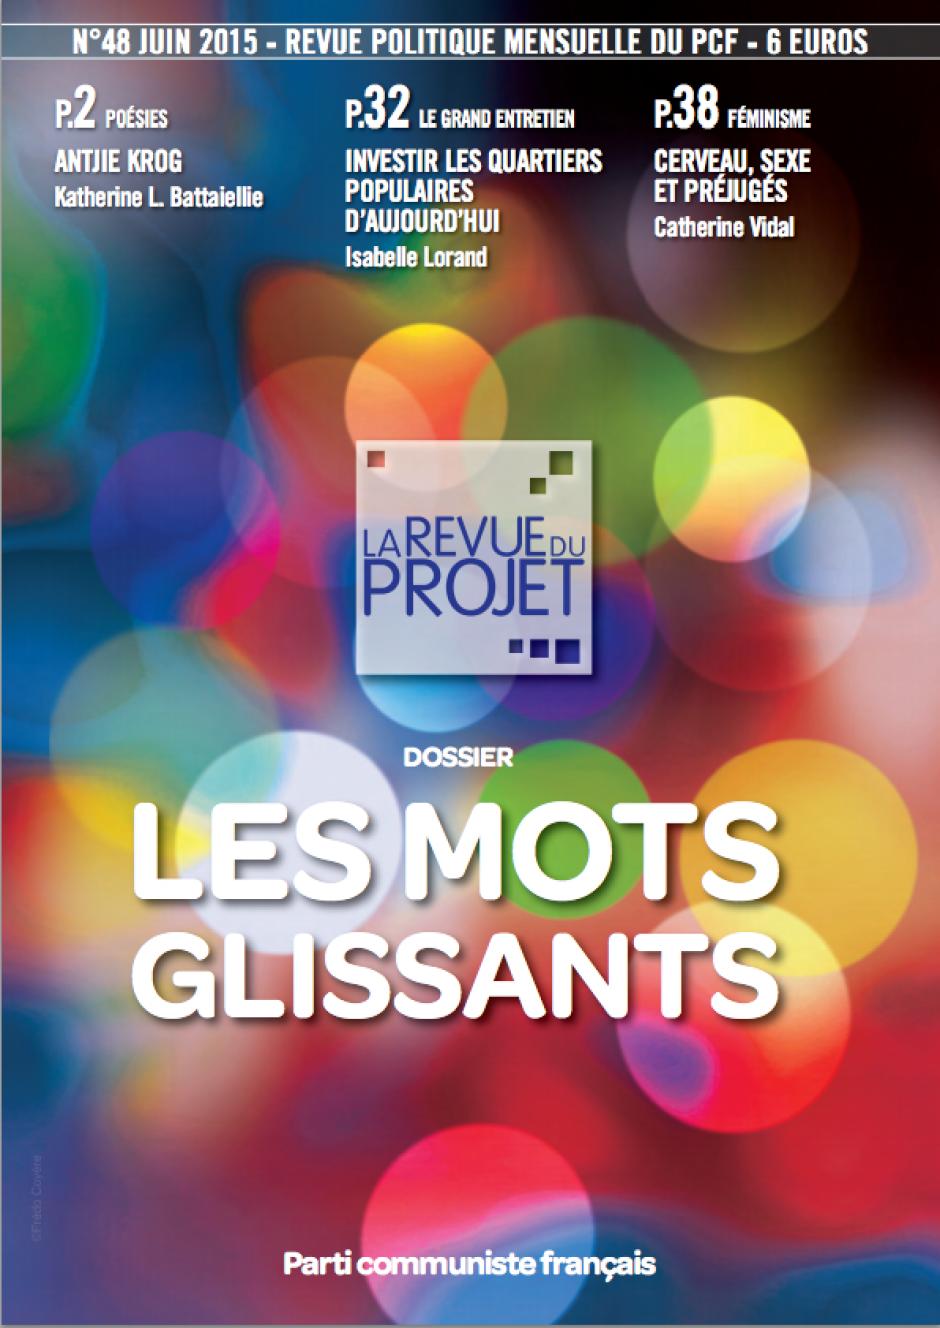 La langue, un enjeu politique, Entretien avec Marine Roussillon publié dans La Revue du projet, n°48, Les Mots glissants